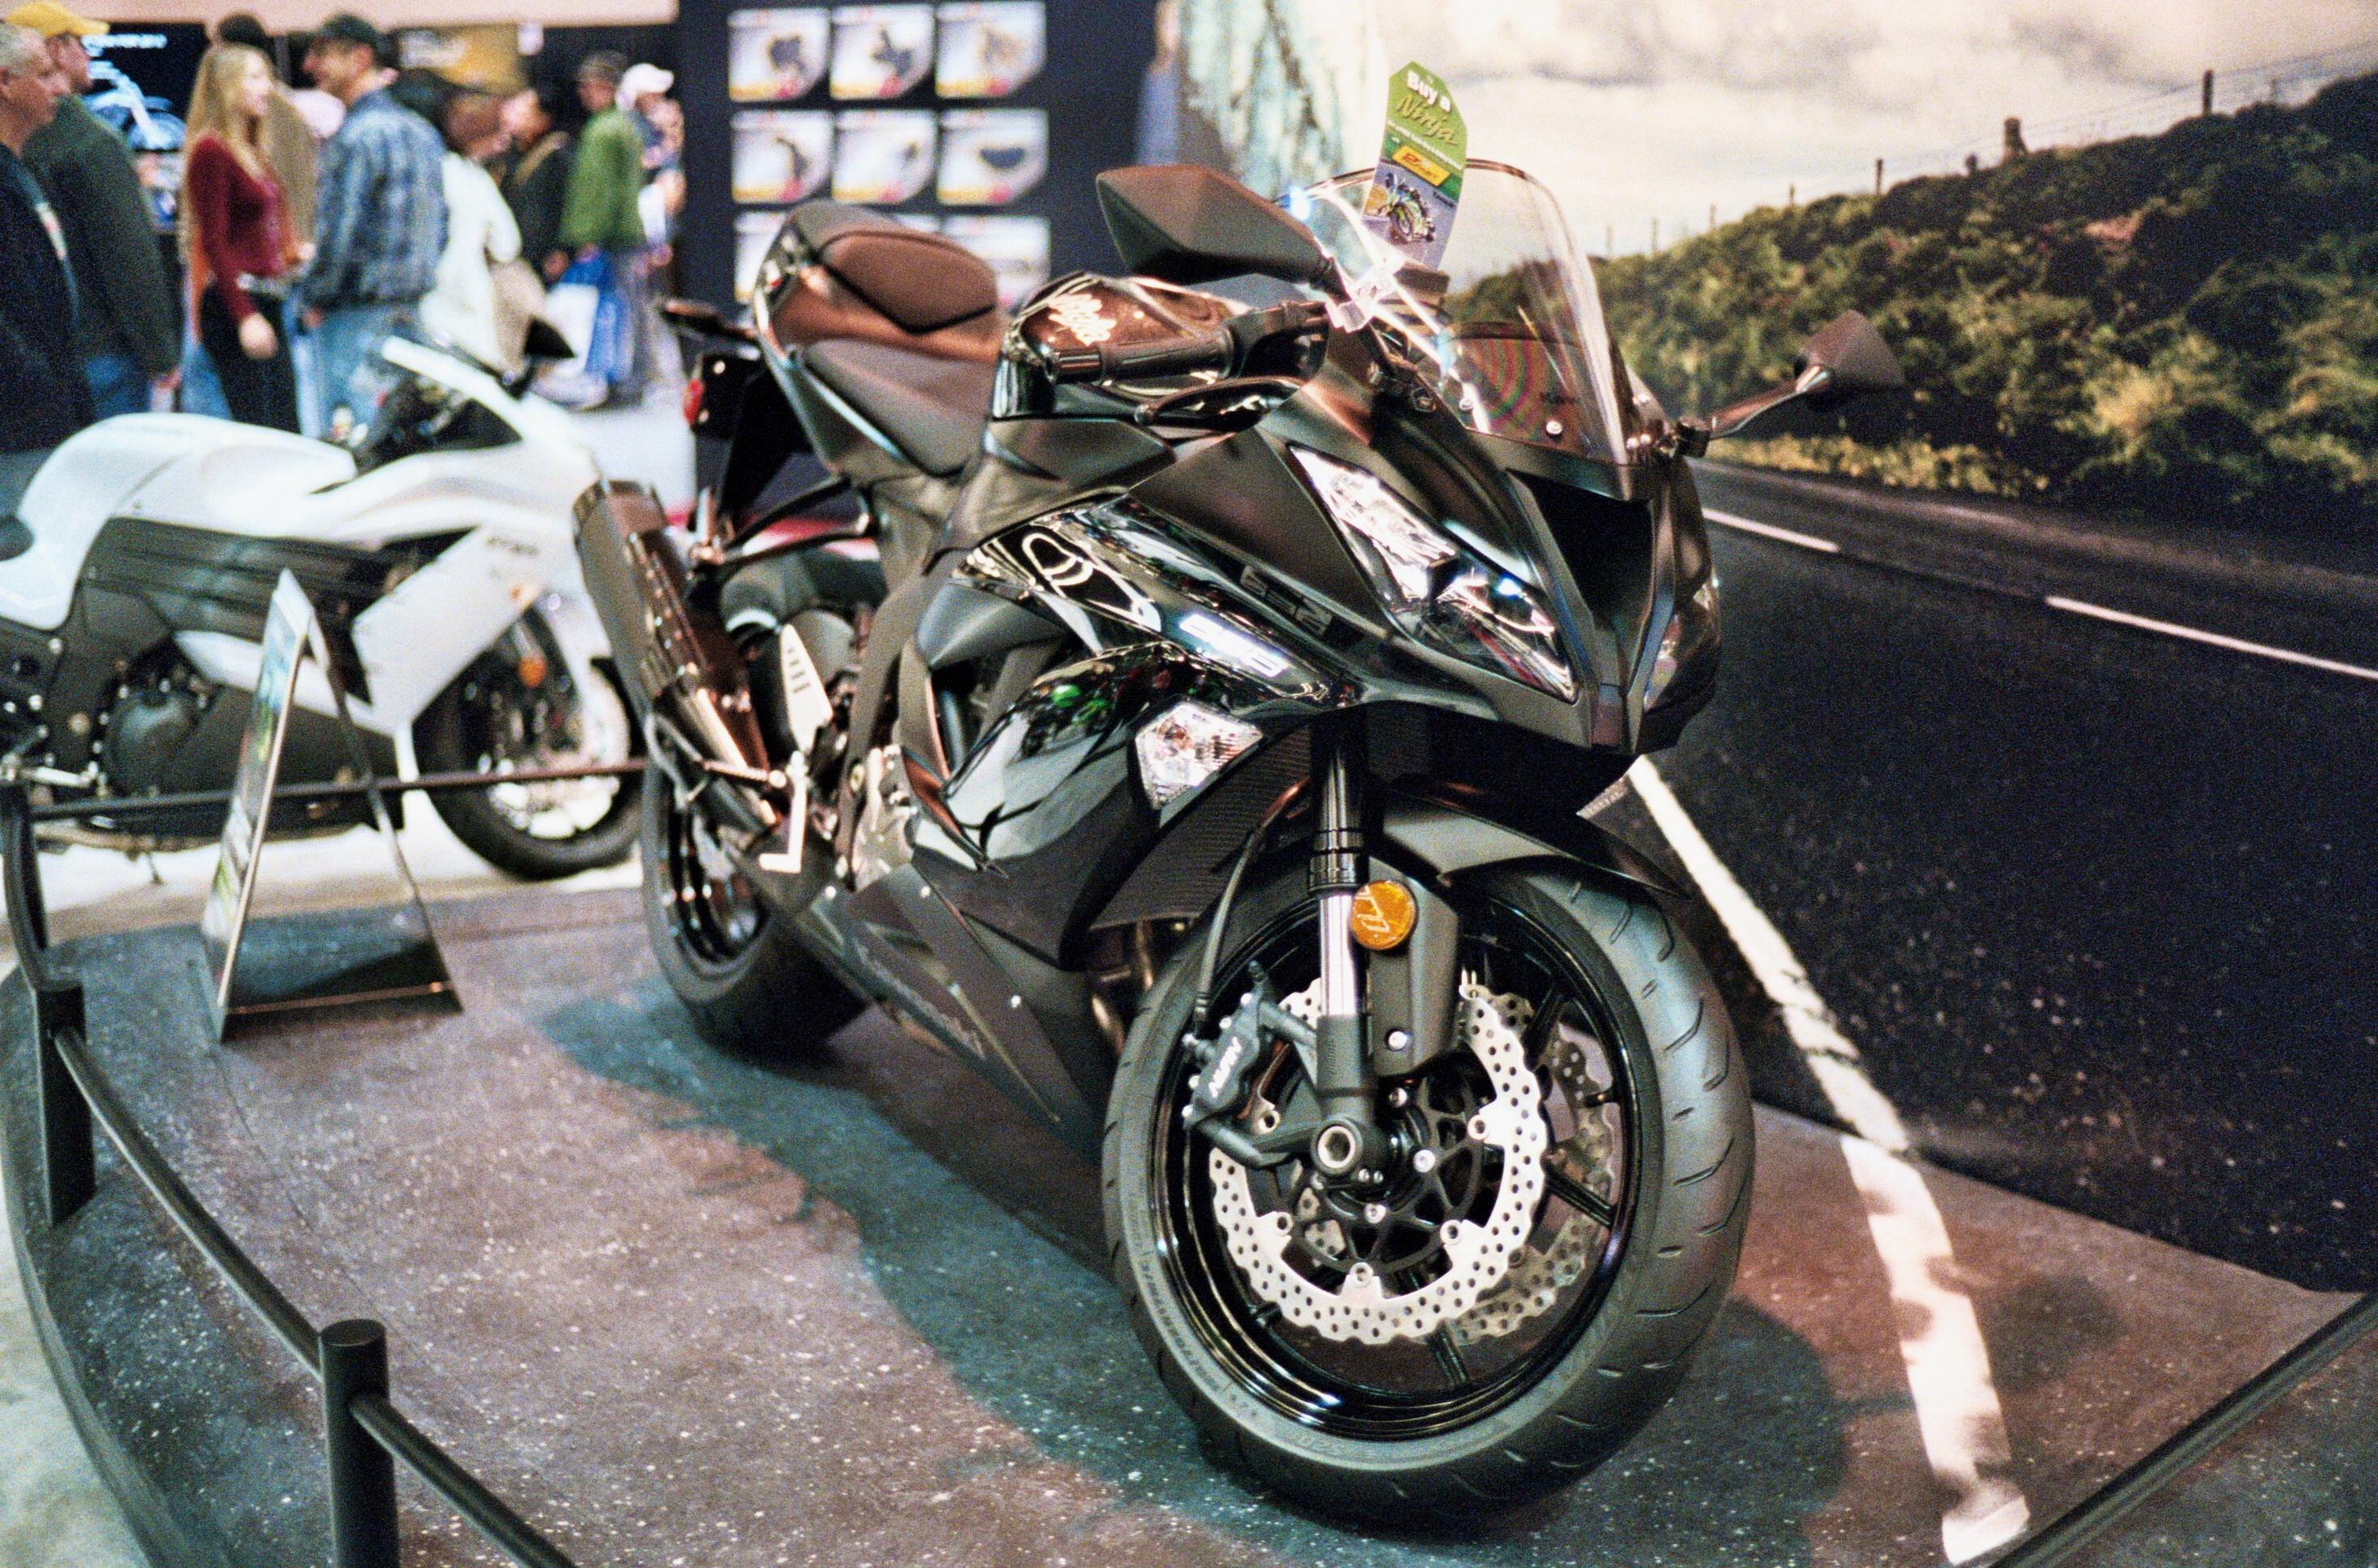 Kawasaki Motorcycle 2013